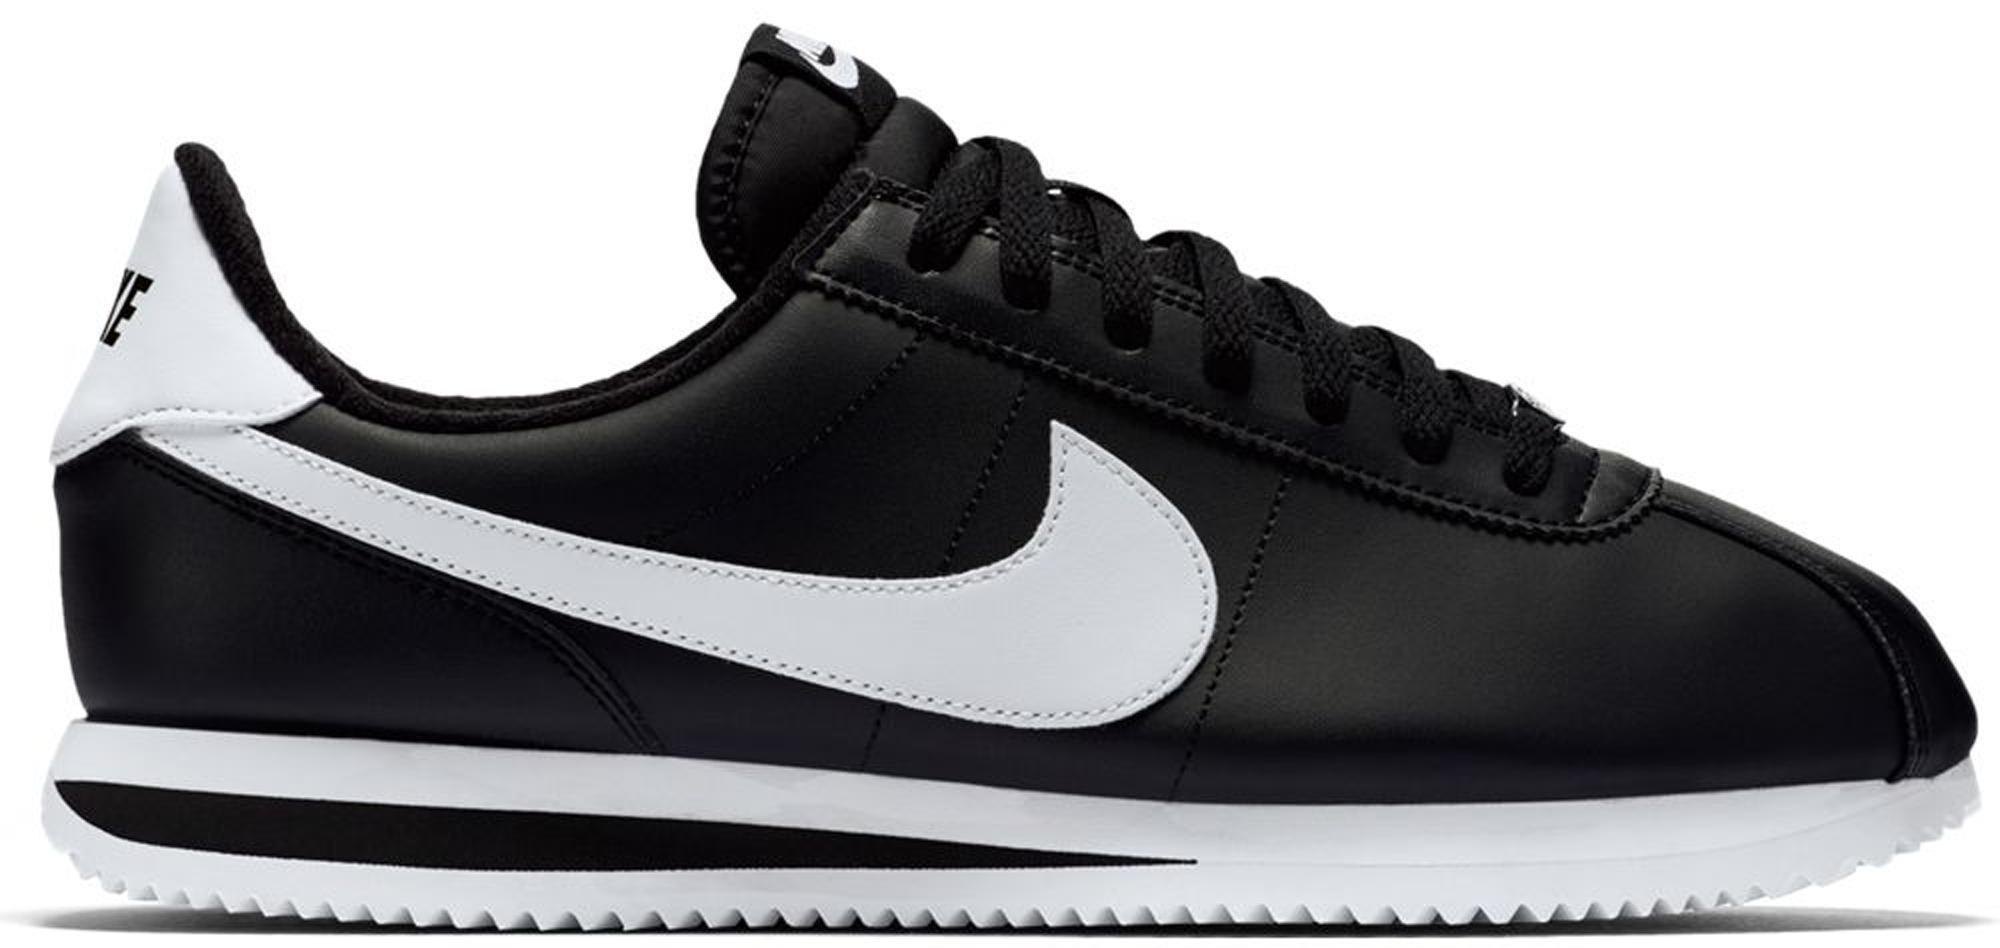 Nike Cortez Basic Black White - 819719-012